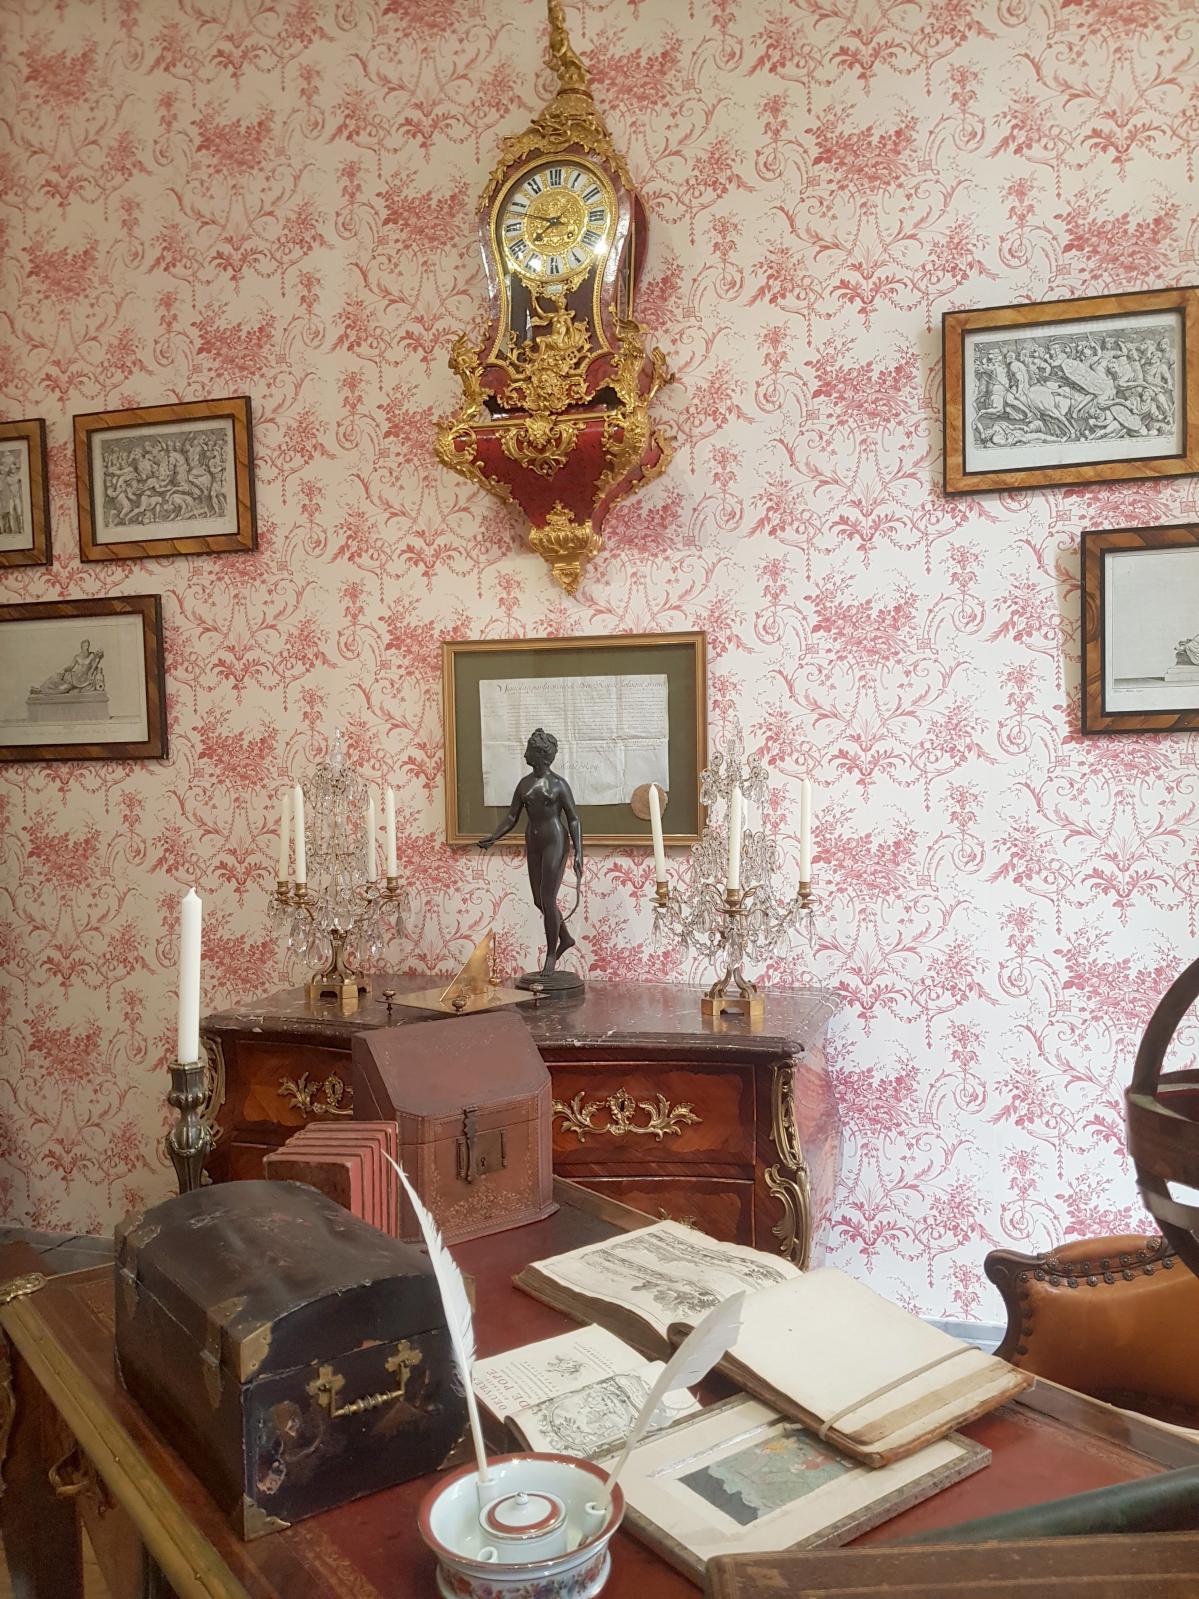 Le bureau rouge, dit bureau de Monsieur, et son mobilier LouisXV.